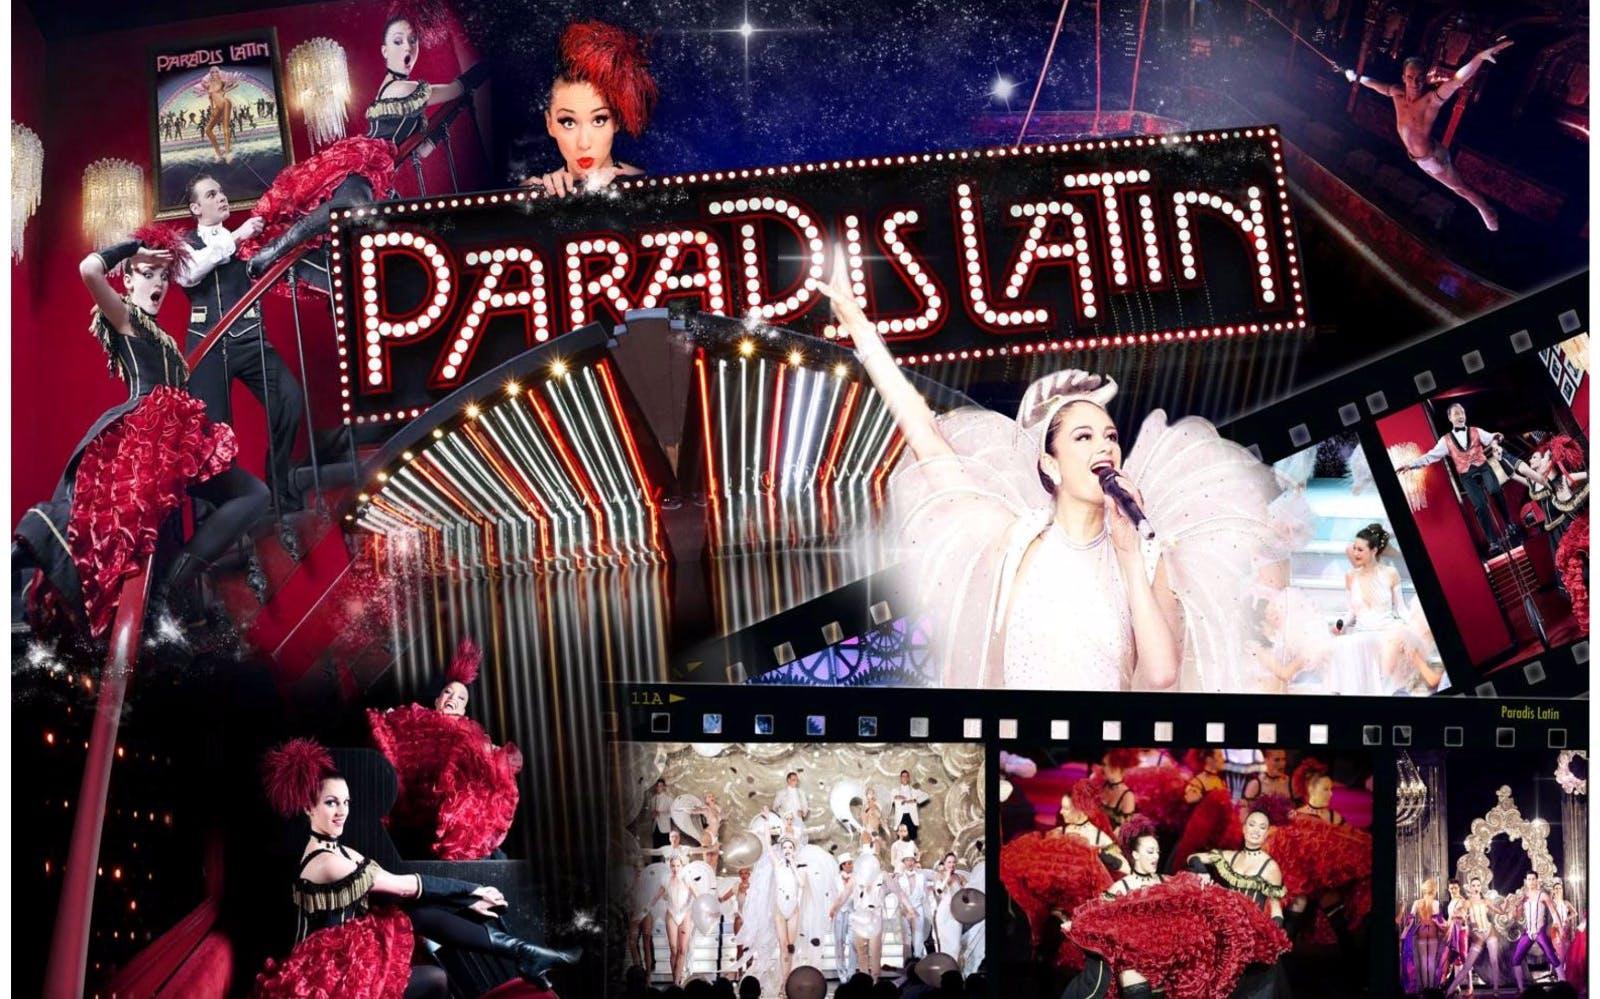 Paradis Latin-1